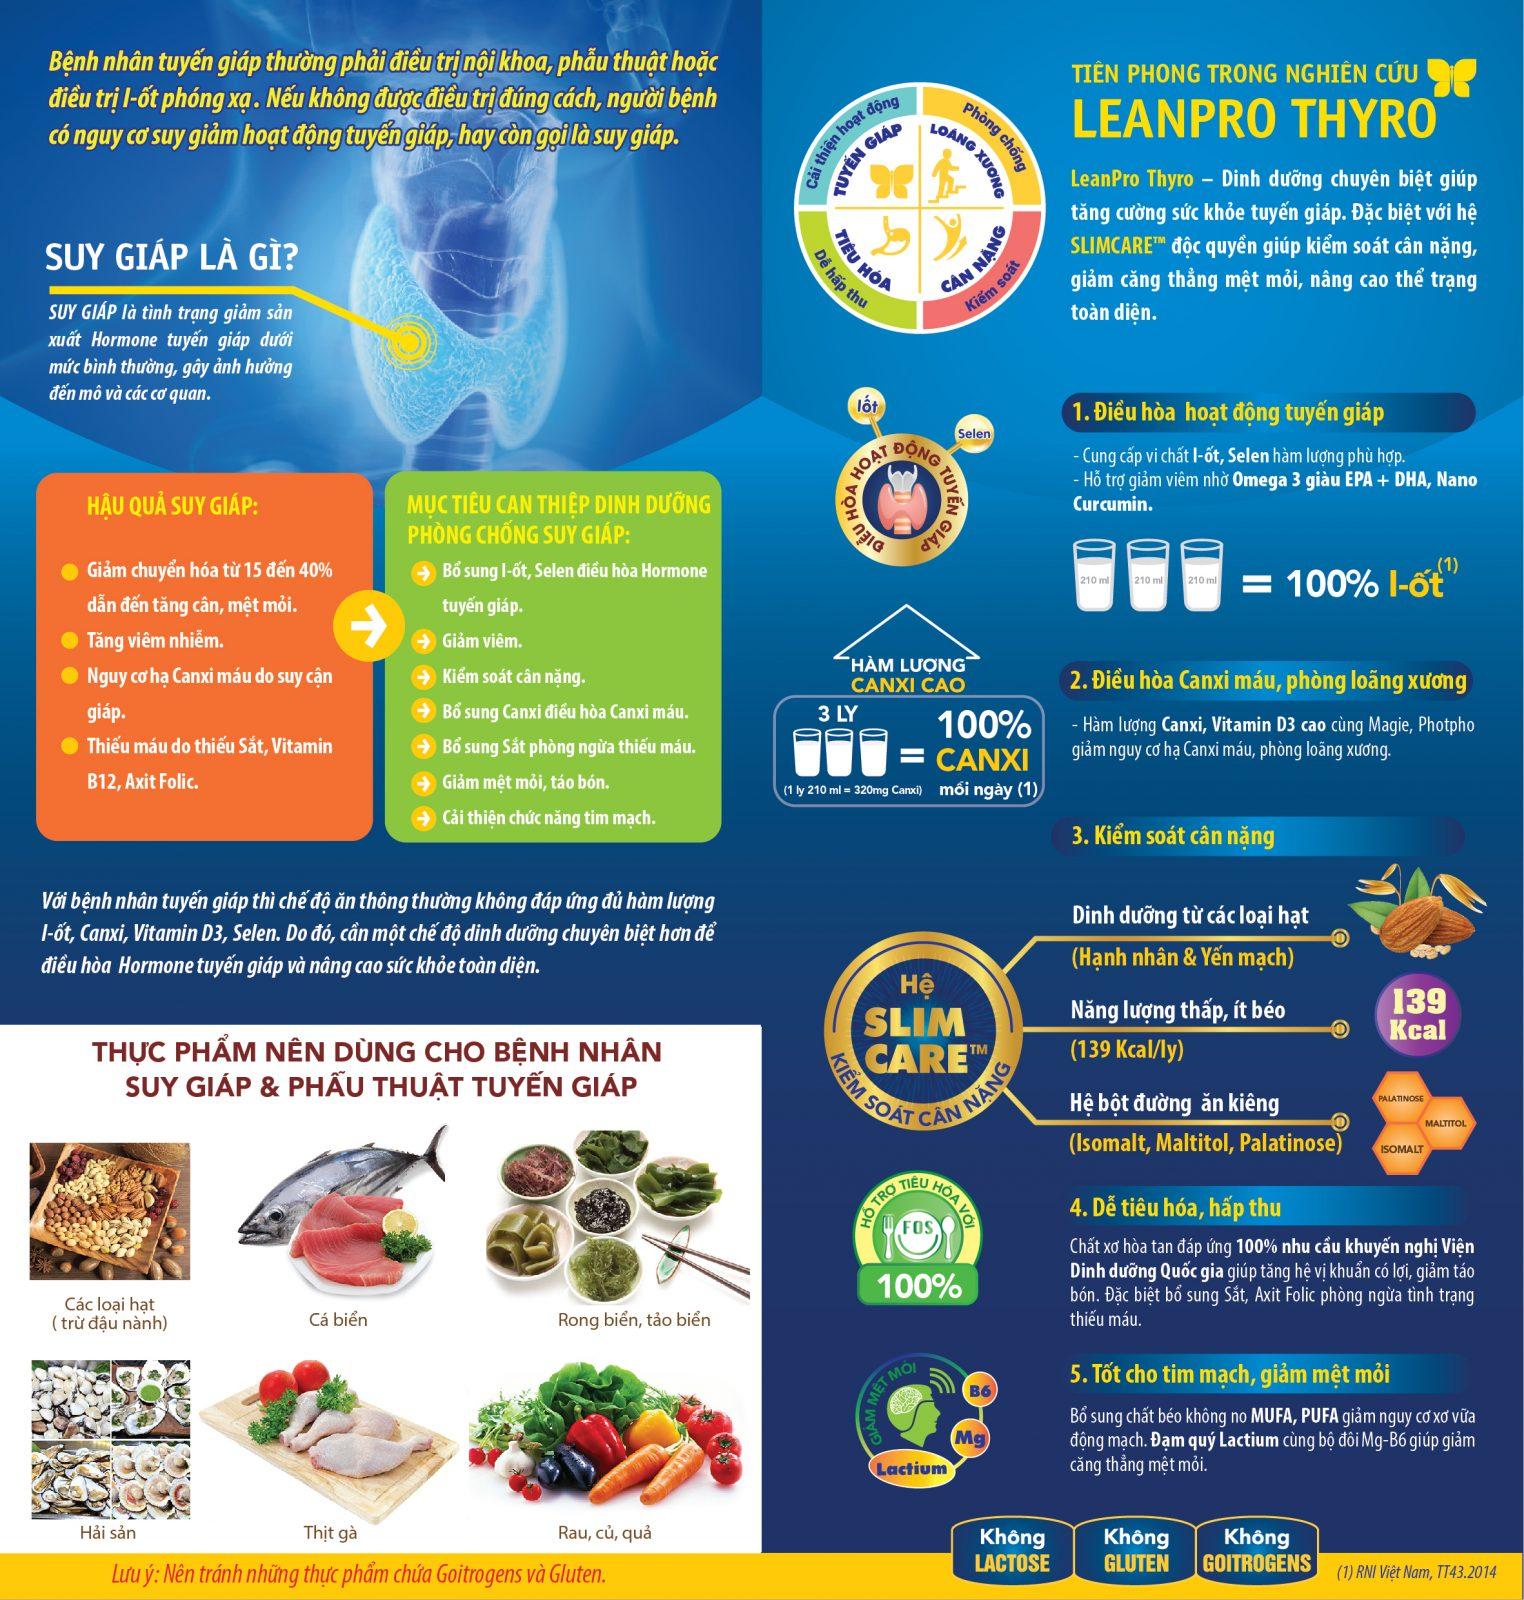 Thành phần dinh dưỡng trong sữa Lean Pro Thyro cho bệnh nhân suy giáp sau phẫu thuật